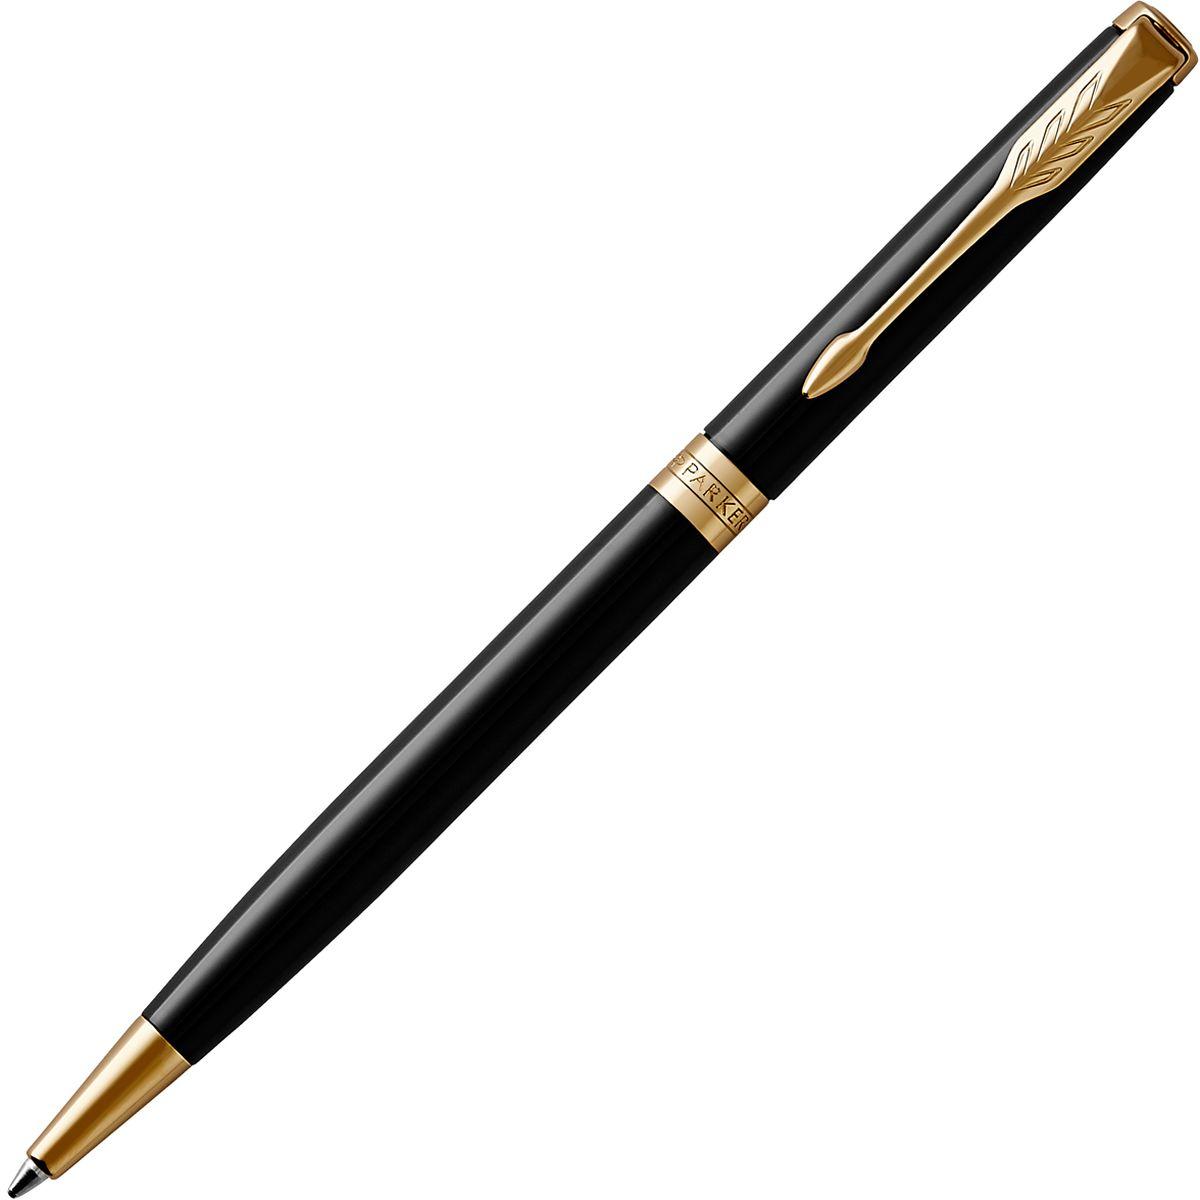 Parker Ручка шариковая Sonnet Slim Black Laque GTPARKER-1931498Материал корпуса и колпачка: Латунь, покрытая глянцевым черным лаком.Покрытие корпуса: Черный глянцевый лак.Торец ручки: латунь, покрытая золотом.Зажим колпачка: сталь, покрытая золотом. Кольцо: латунь, с золотым напылением.Зона захвата:пластик (только у шариковой ручки).Способ подачи стержня: Поворотный.Сделано во Франции.Аналог PARKER-S0808740